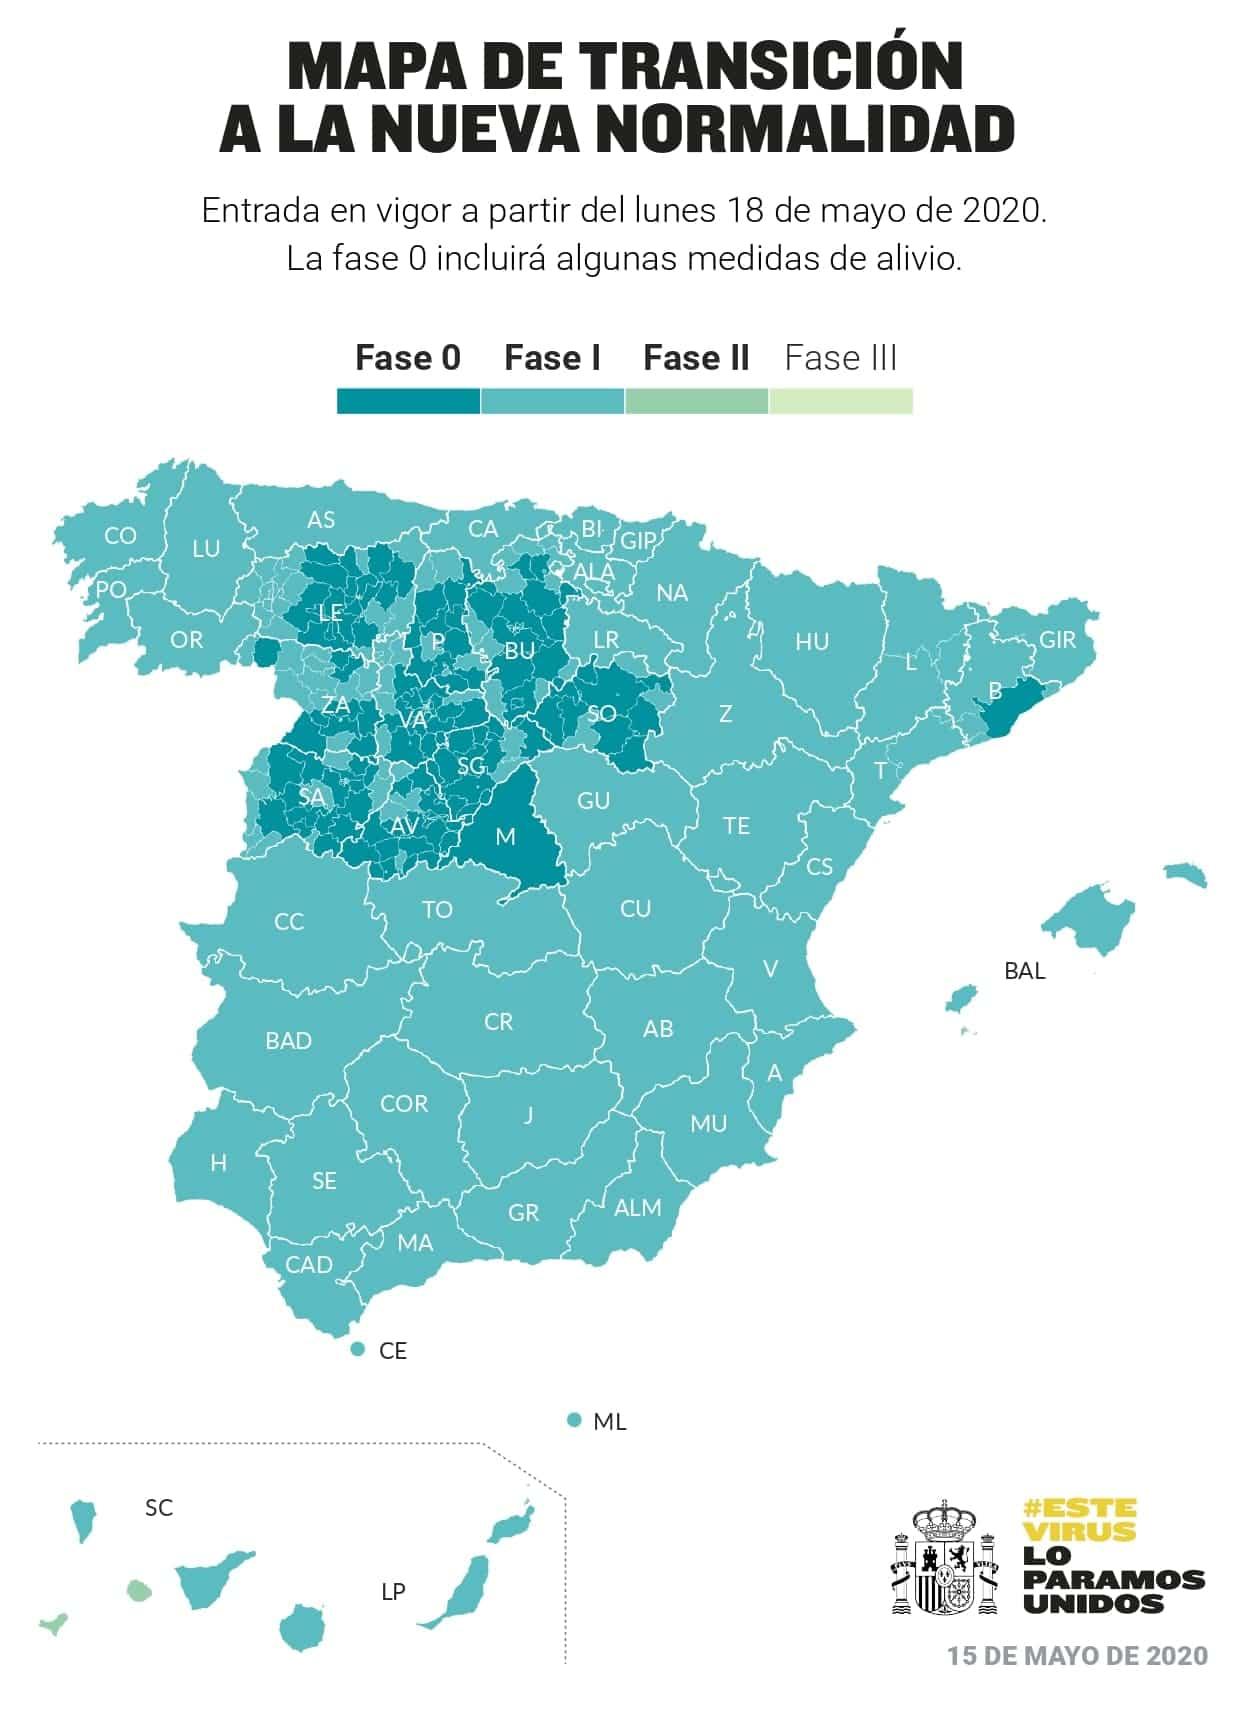 Herencia y la provincia de Ciudad Real pasan a la fase 1 de la desescalada 3